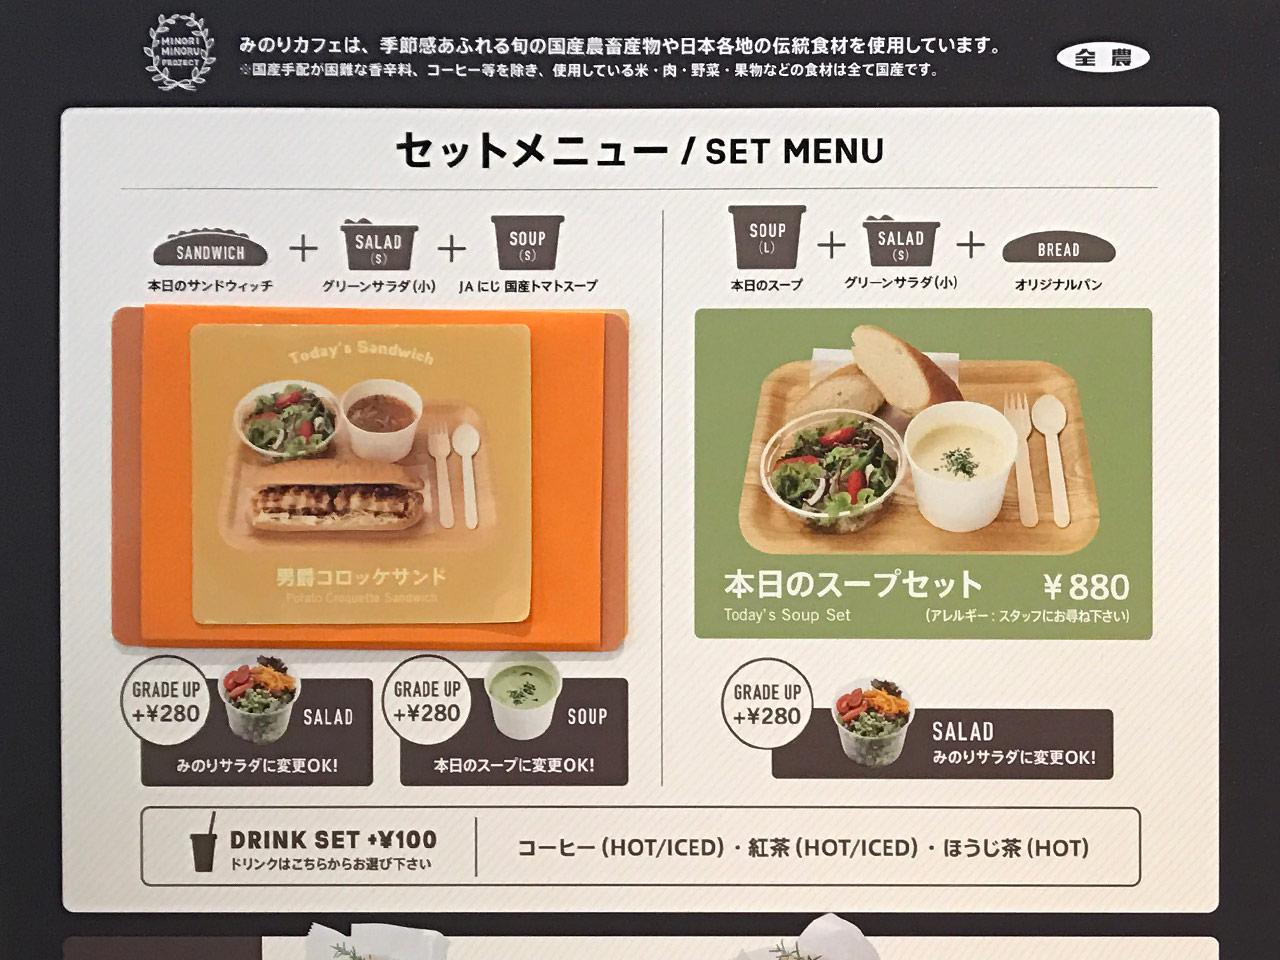 銀座三越「みのりカフェ」のセットメニュー日替わり